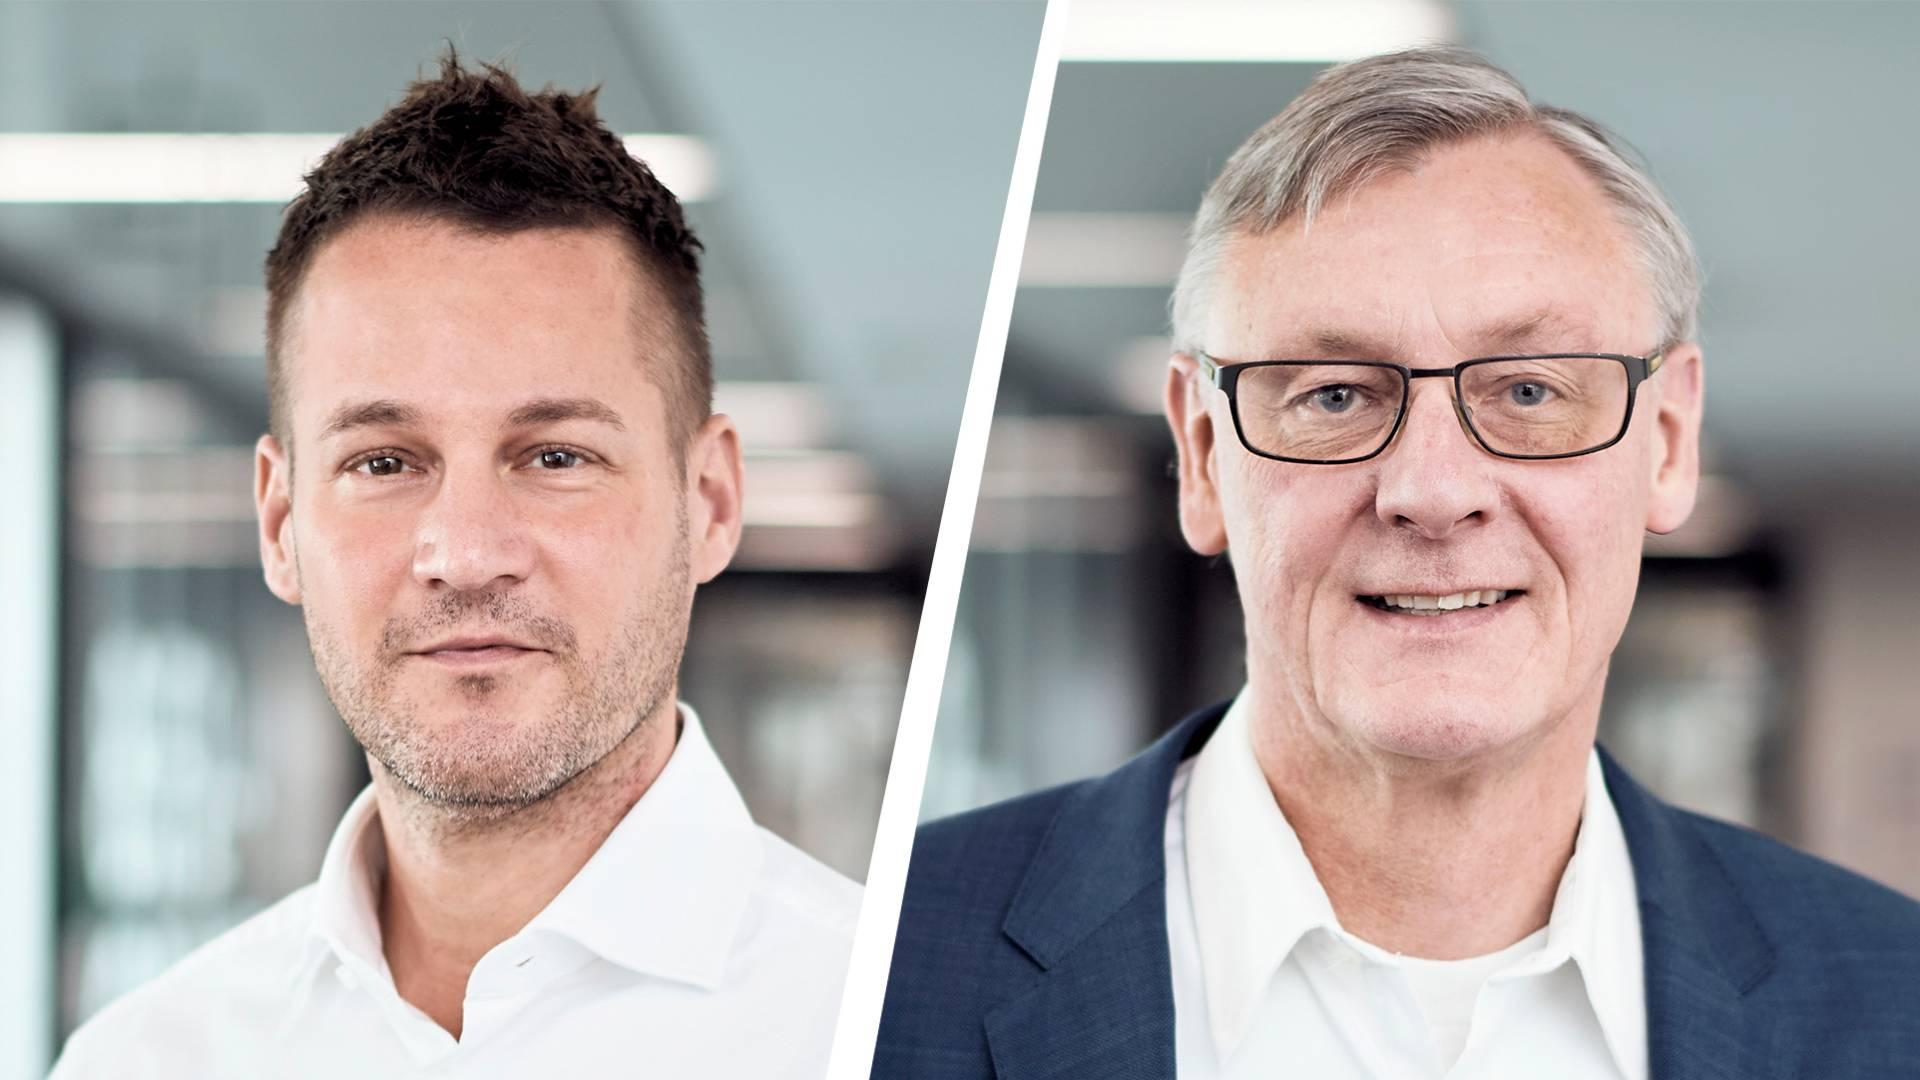 Dr. Andreas Gorbach és Prof. Dr. Christian Mohrdieck